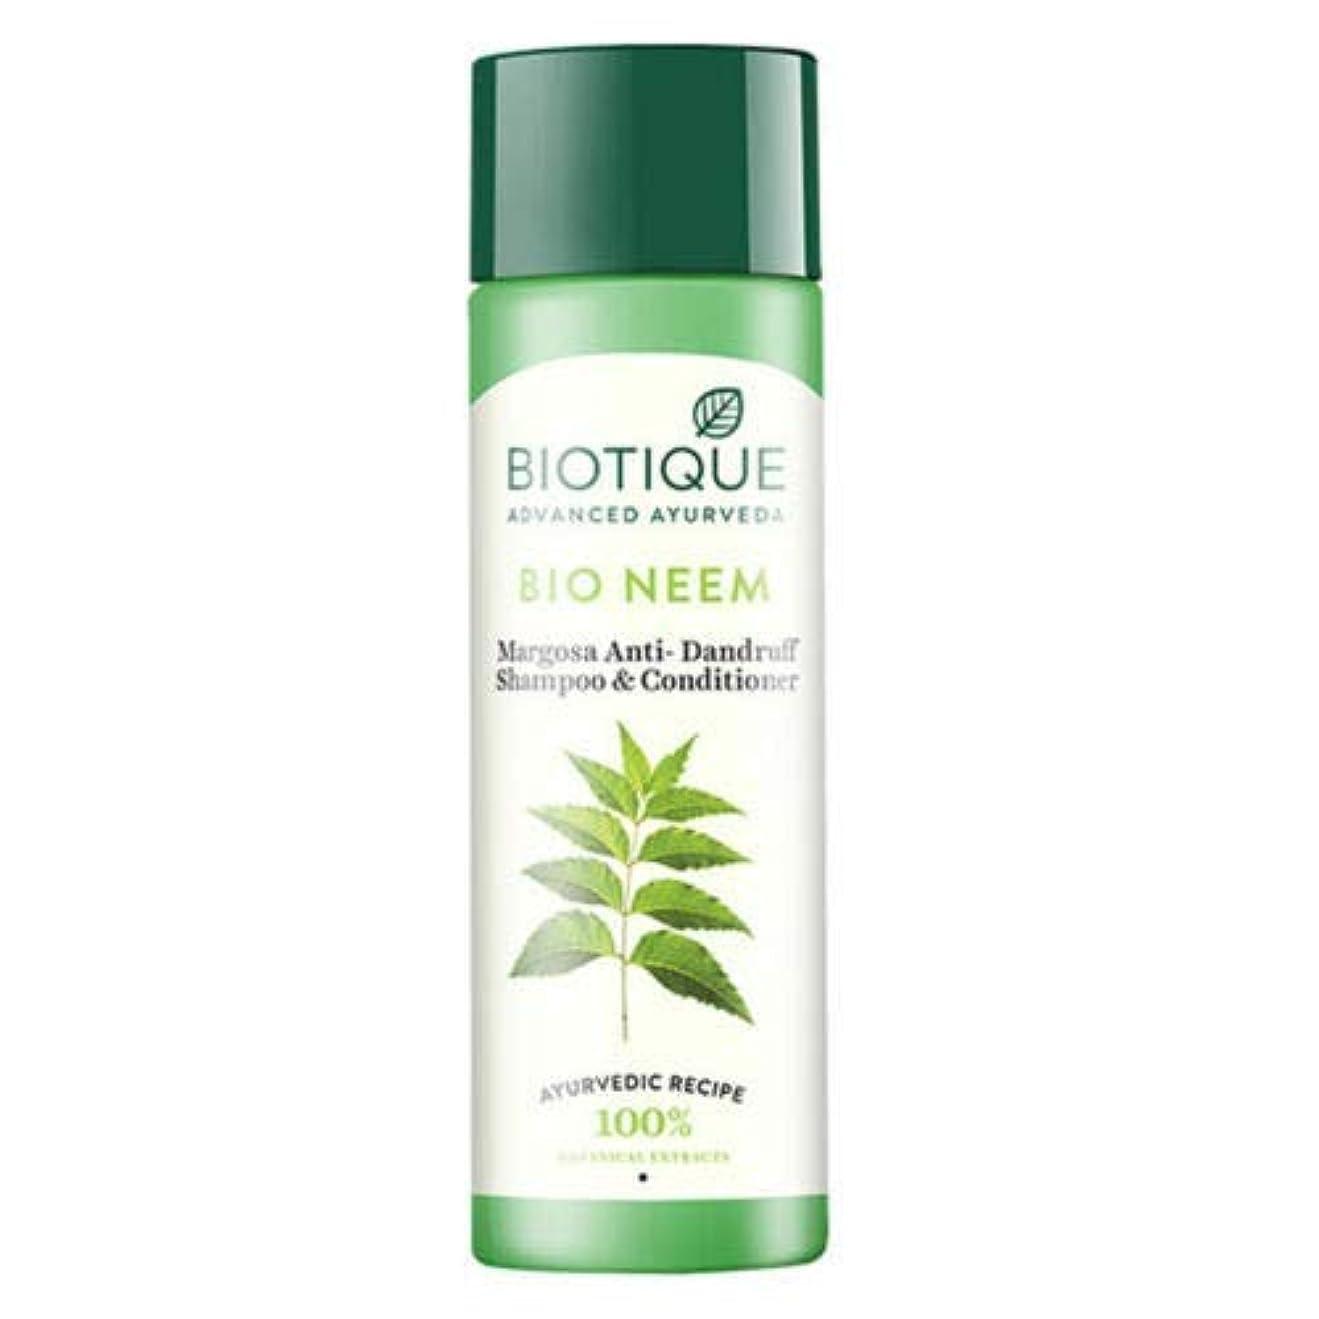 ロイヤリティ泣き叫ぶ災害Biotique Bio Neem Margosa Anti Dandruff Shampoo & Conditioner 120 ml Strong Hair Biotique Bio Neem Margosaアンチフケシャンプー&コンディショナーストロングヘア